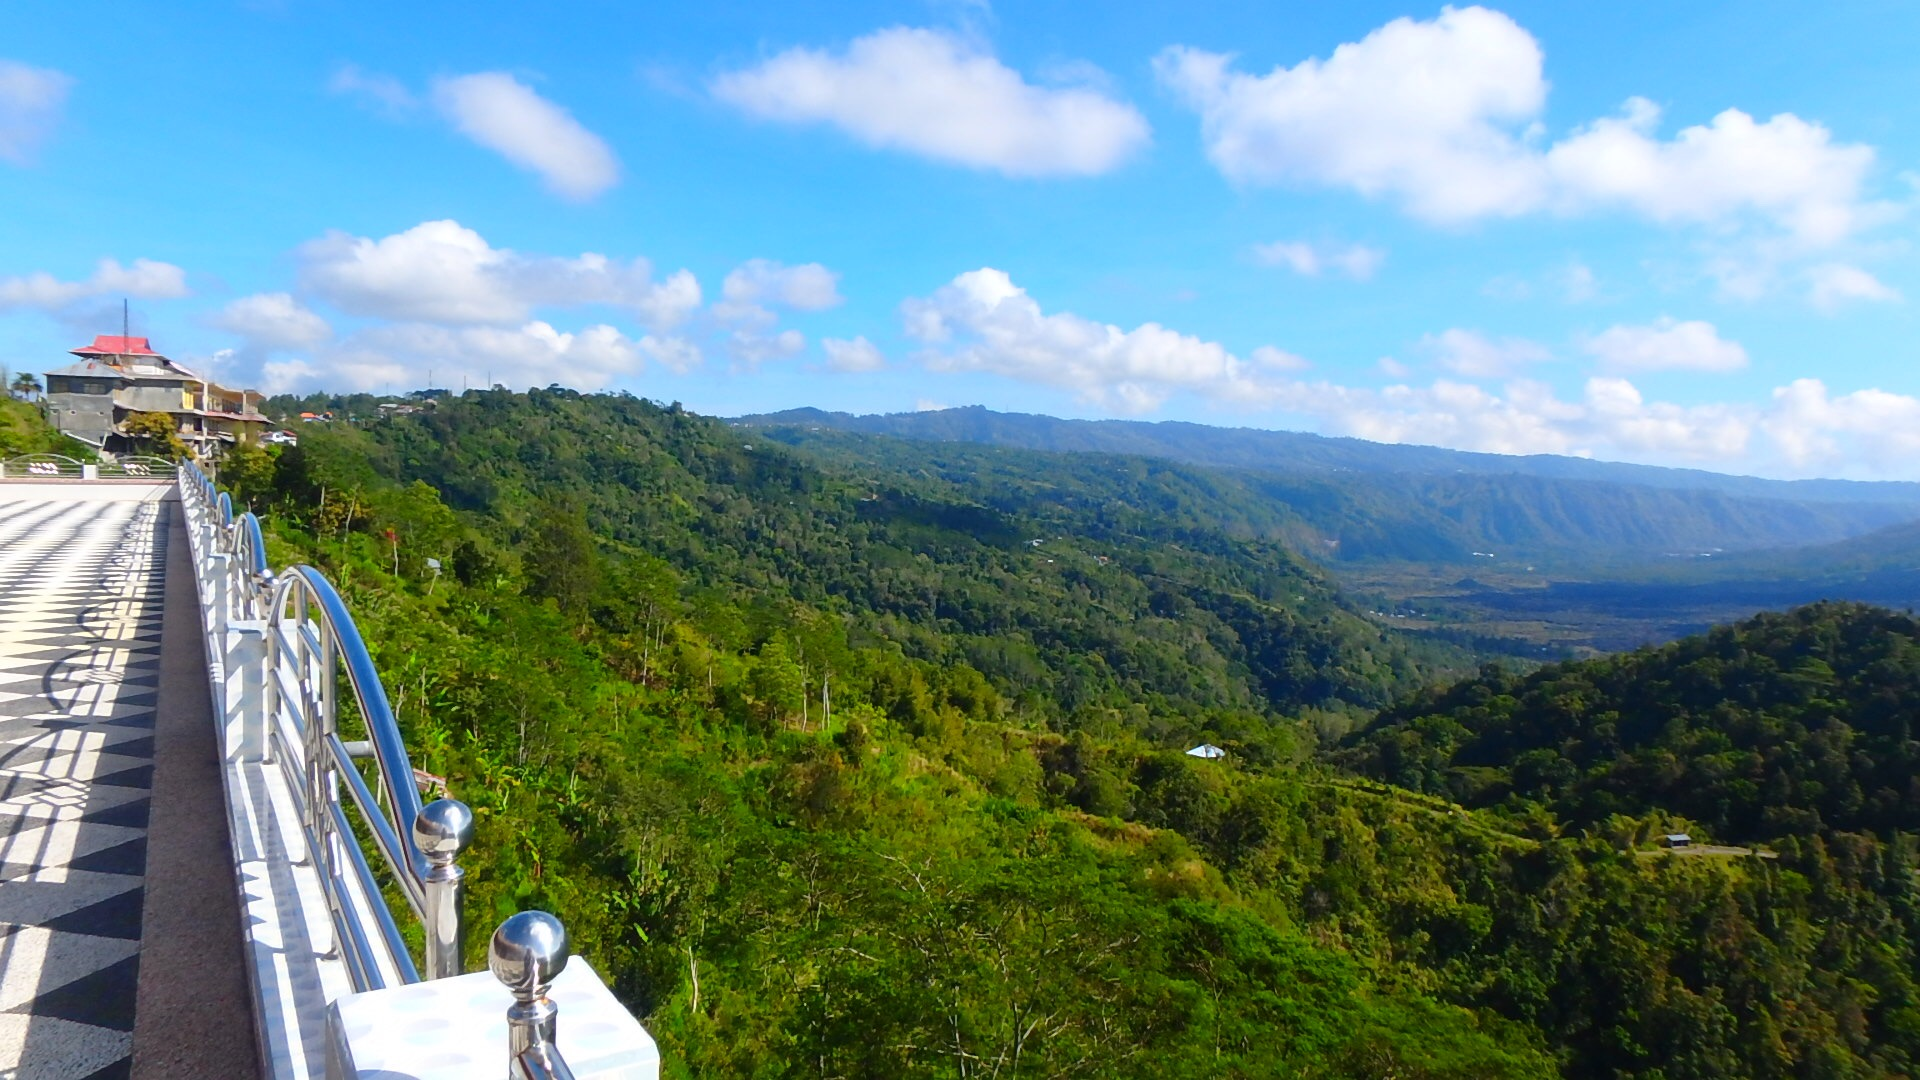 バリ島キンタマーニ高原は空気が美味しい癒されスポット